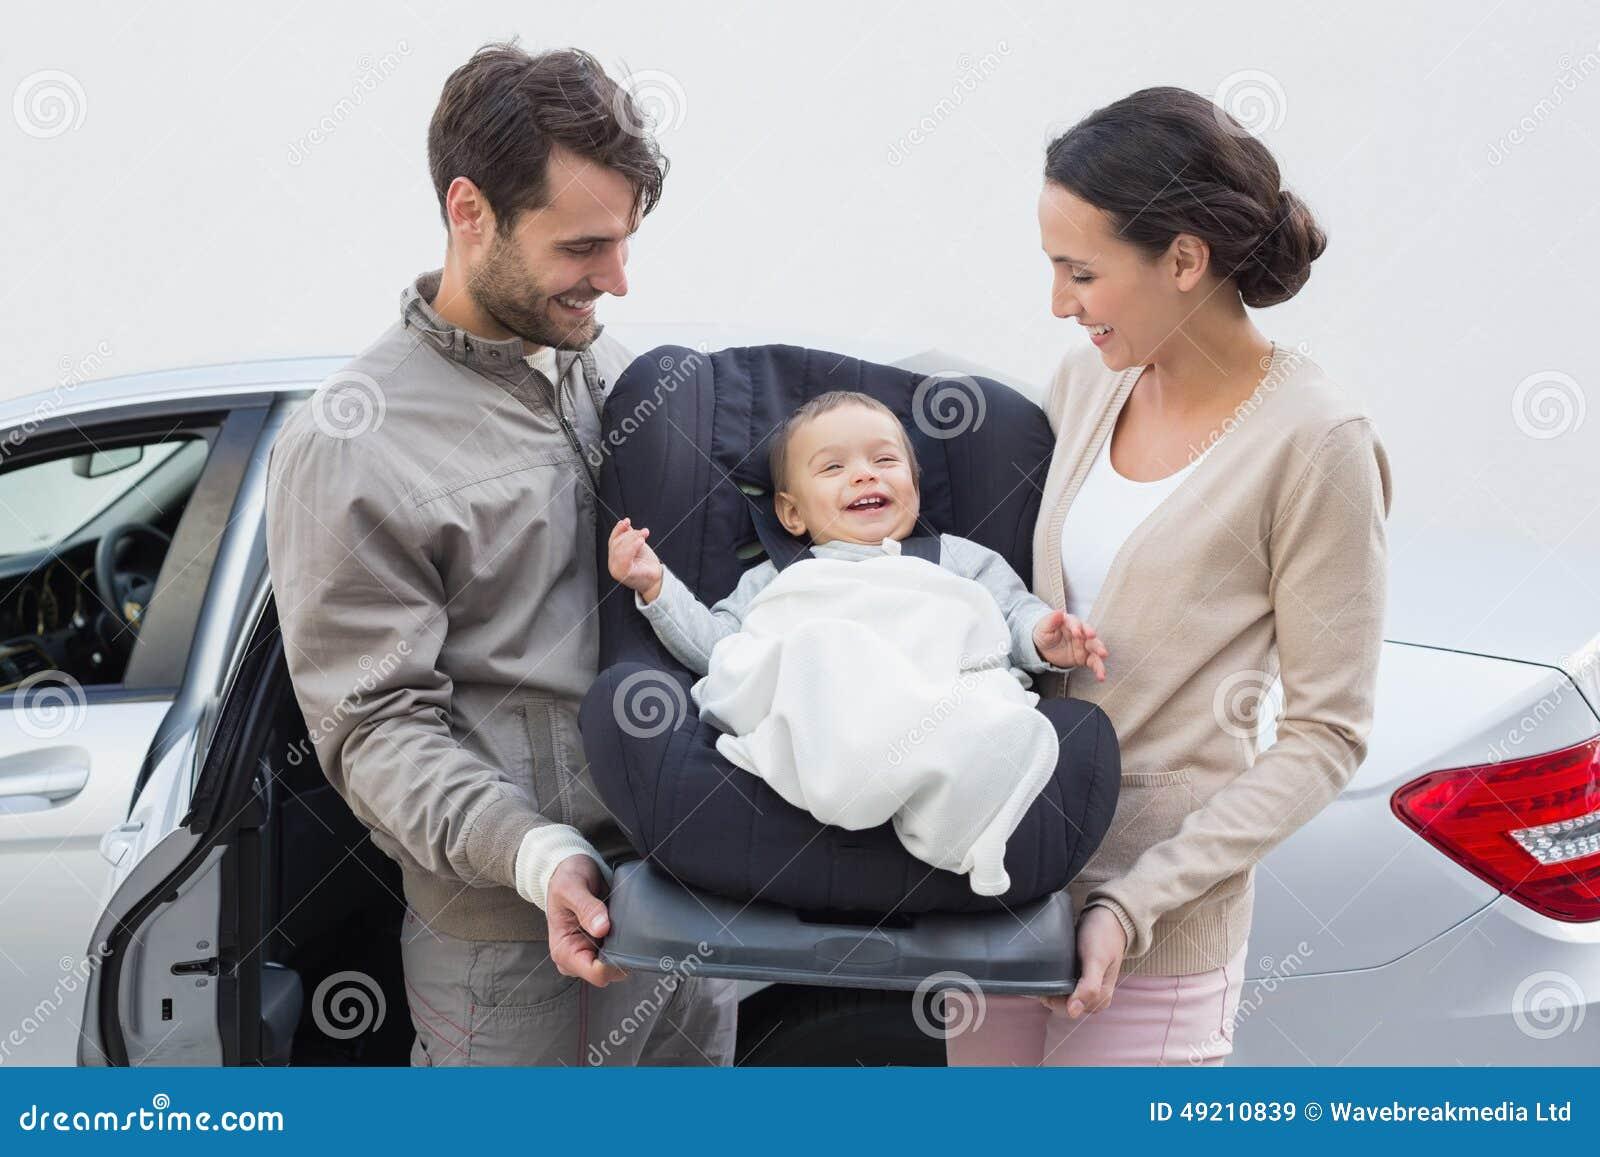 Parents o bebê levando em seu banco de carro